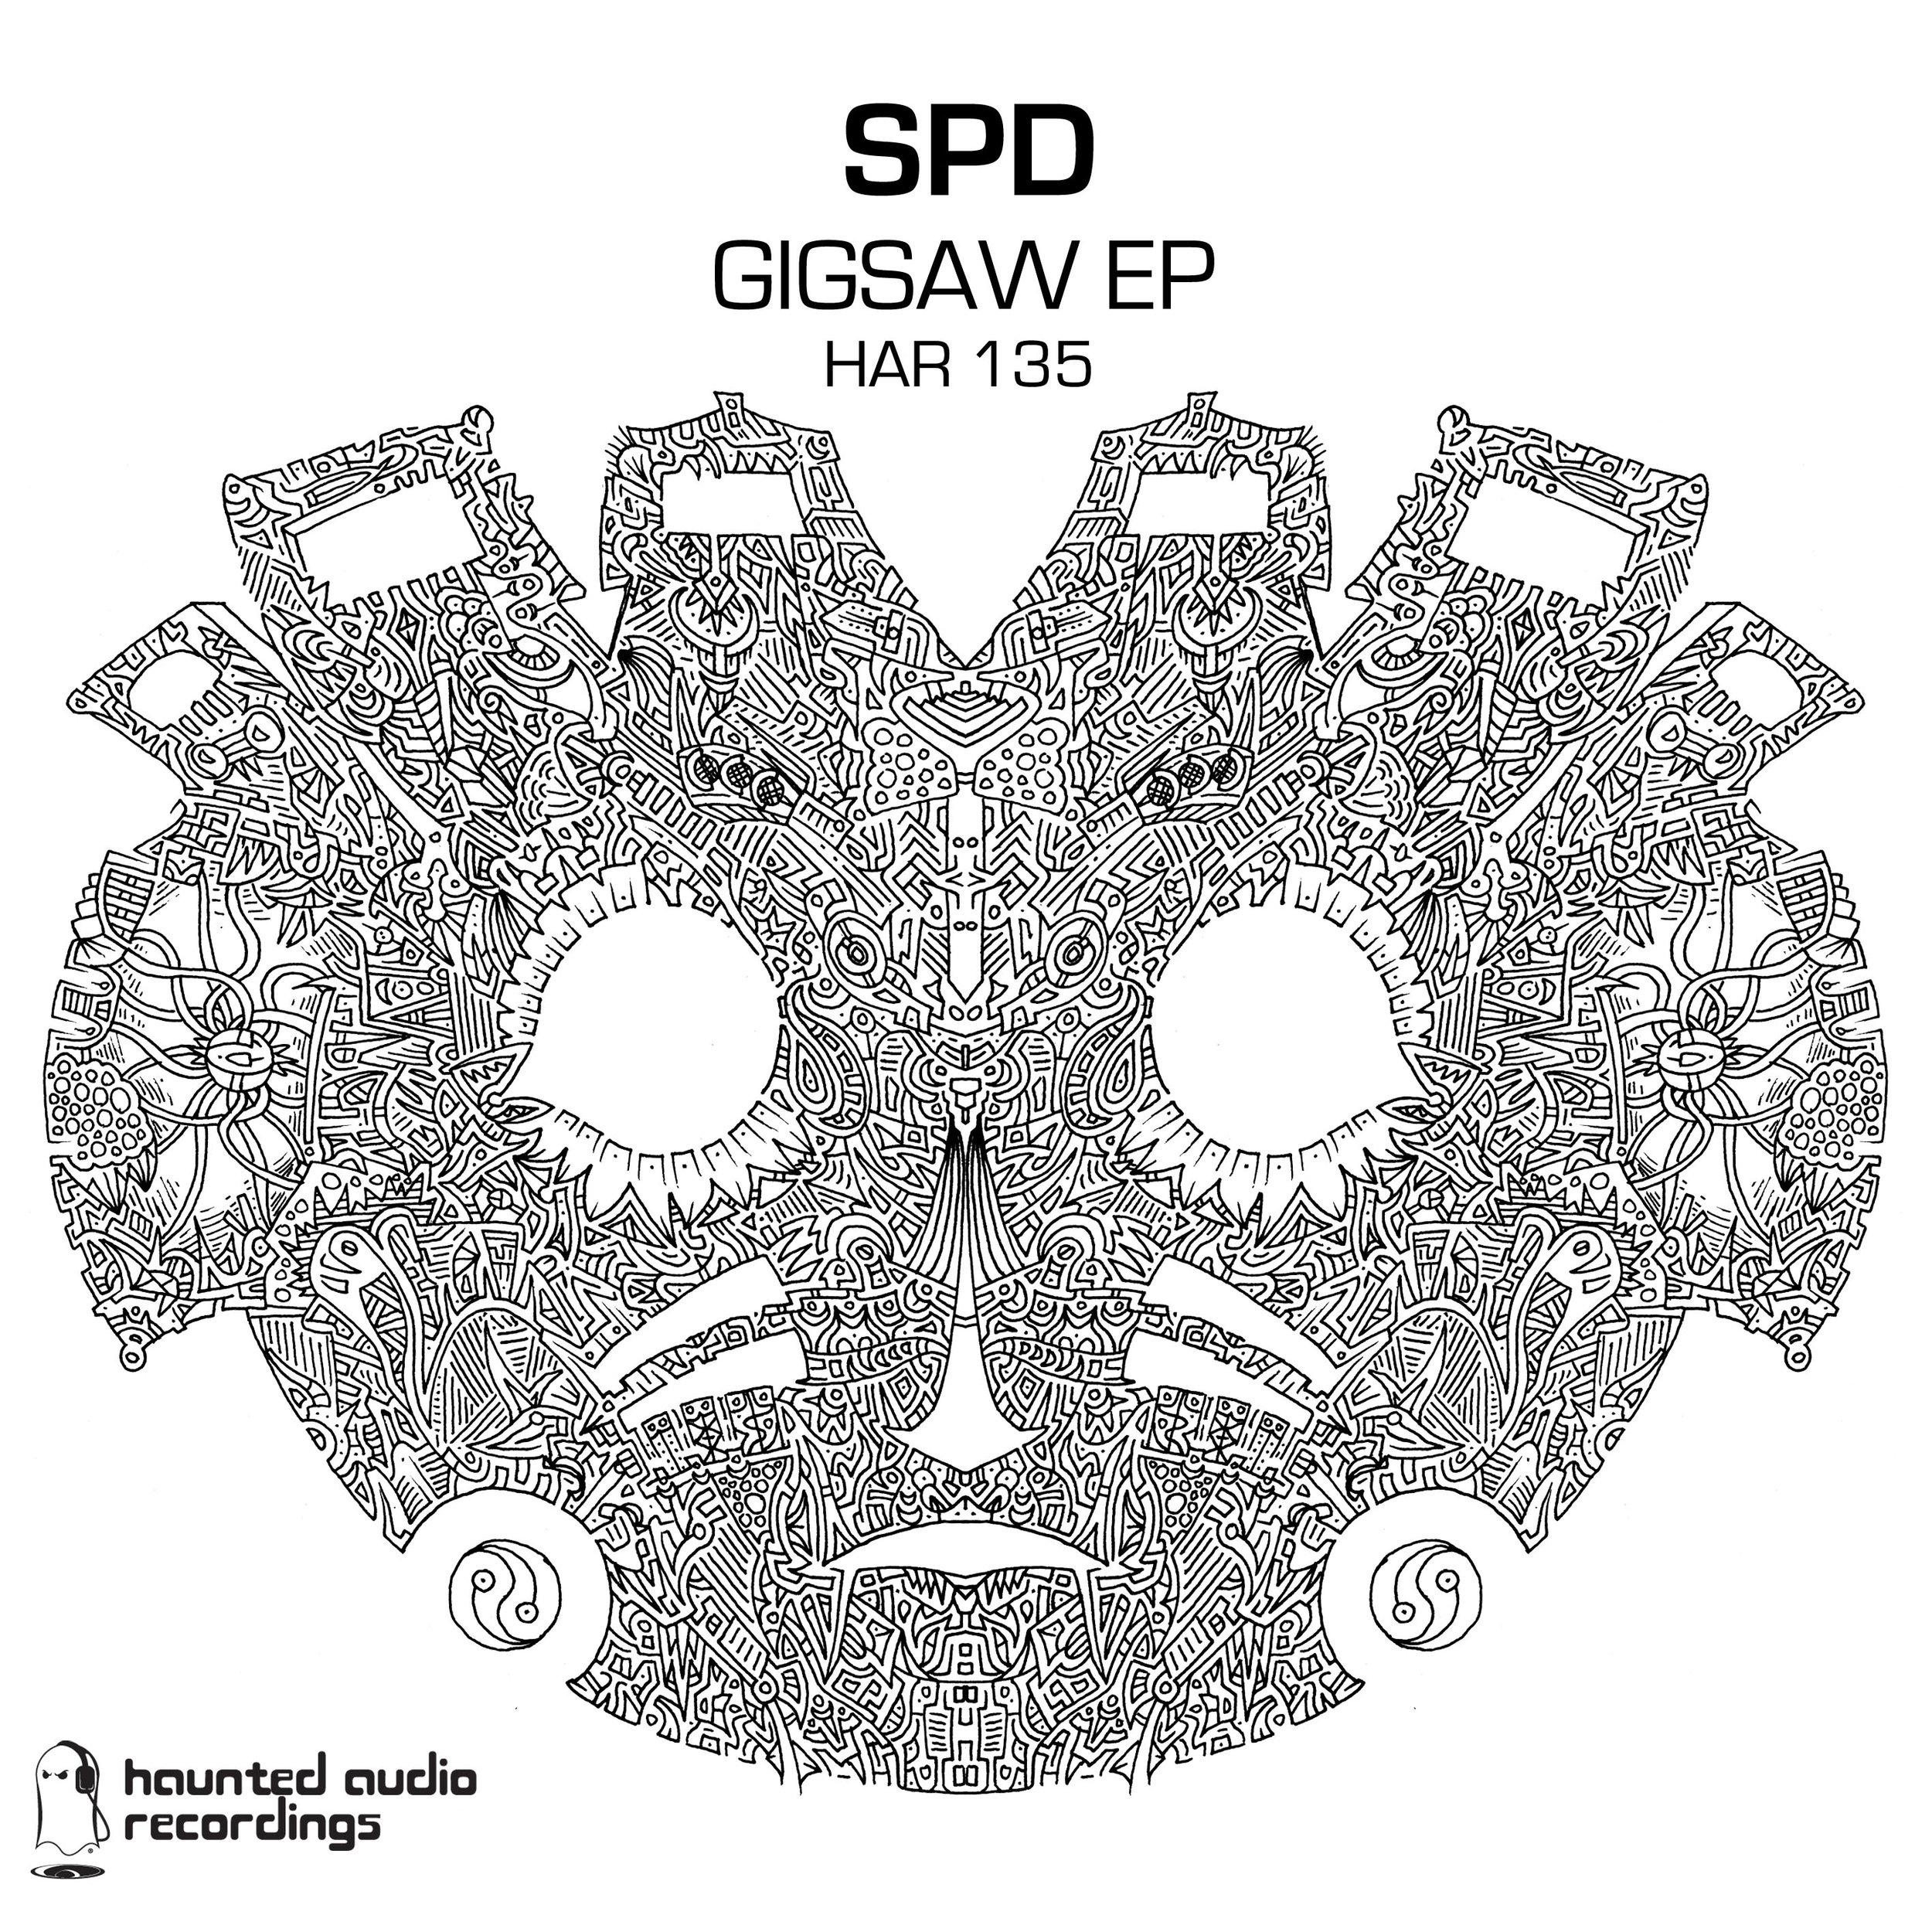 SPD GIGSAW EP